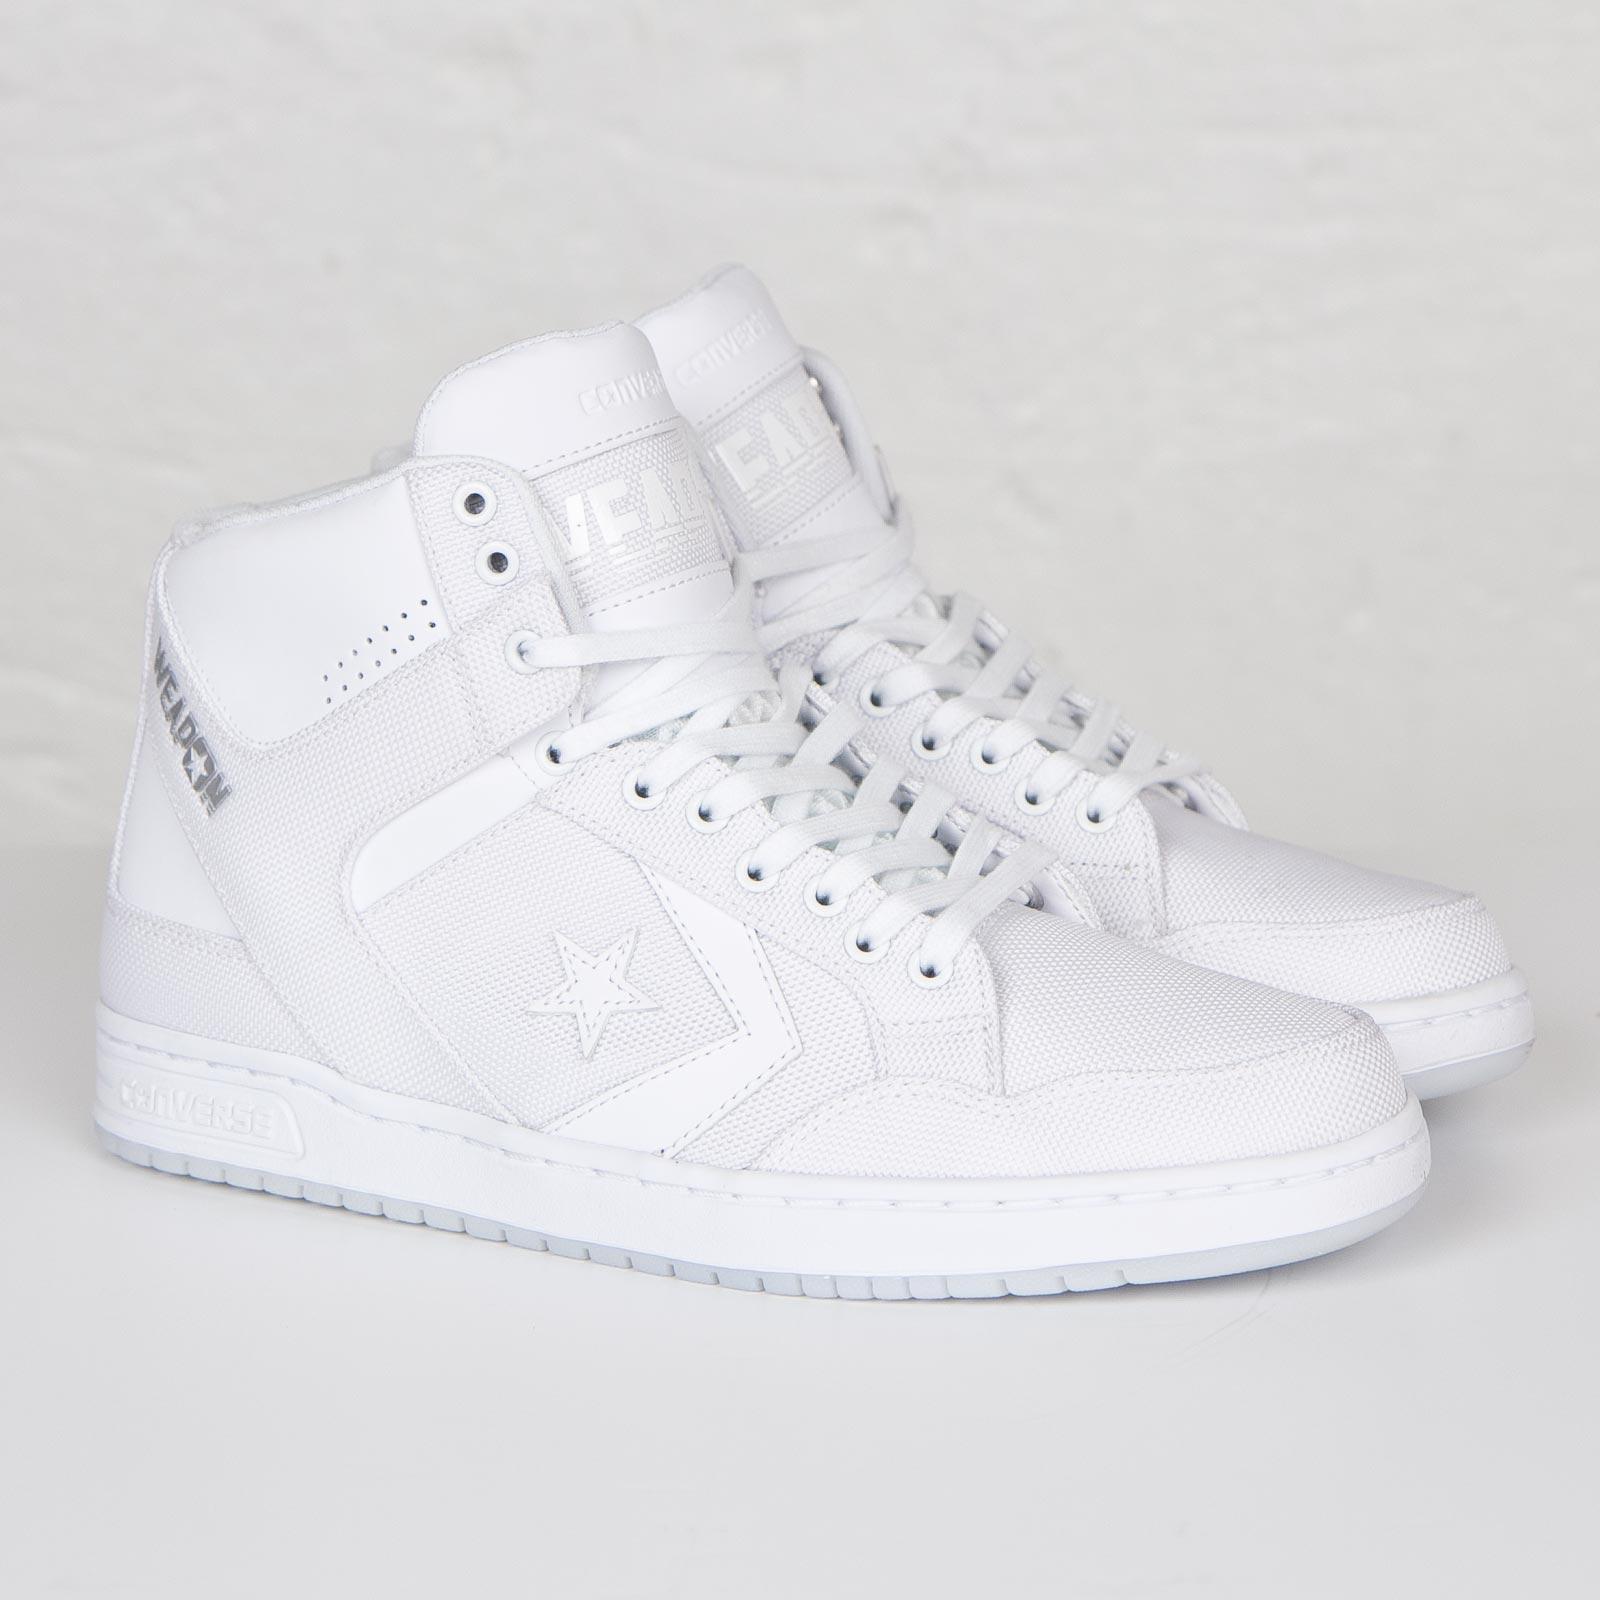 e7603e94f8f Converse Weapon mid - 147472c - Sneakersnstuff | sneakers ...